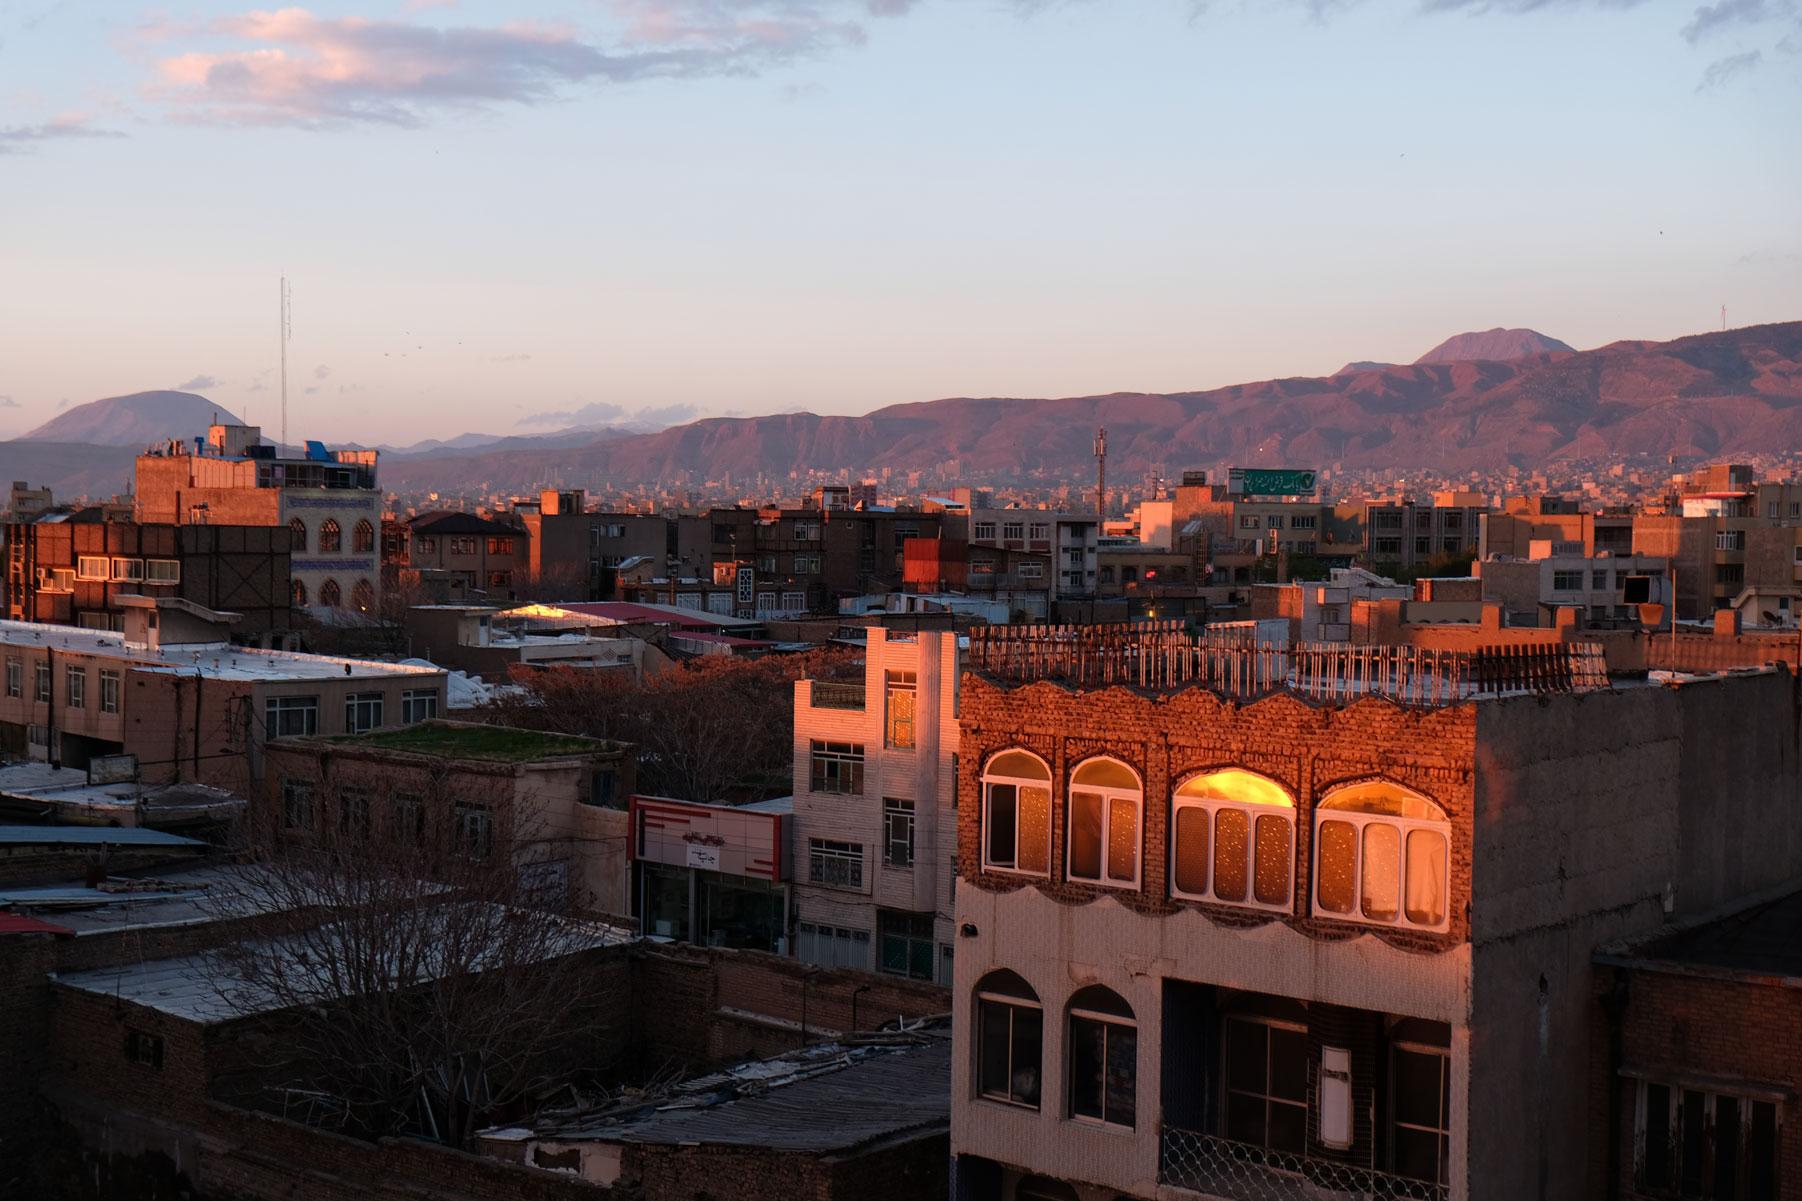 Nach einem langen Reisetag kommen wir müde, aber sehr positiv gestimmt in Tabriz an